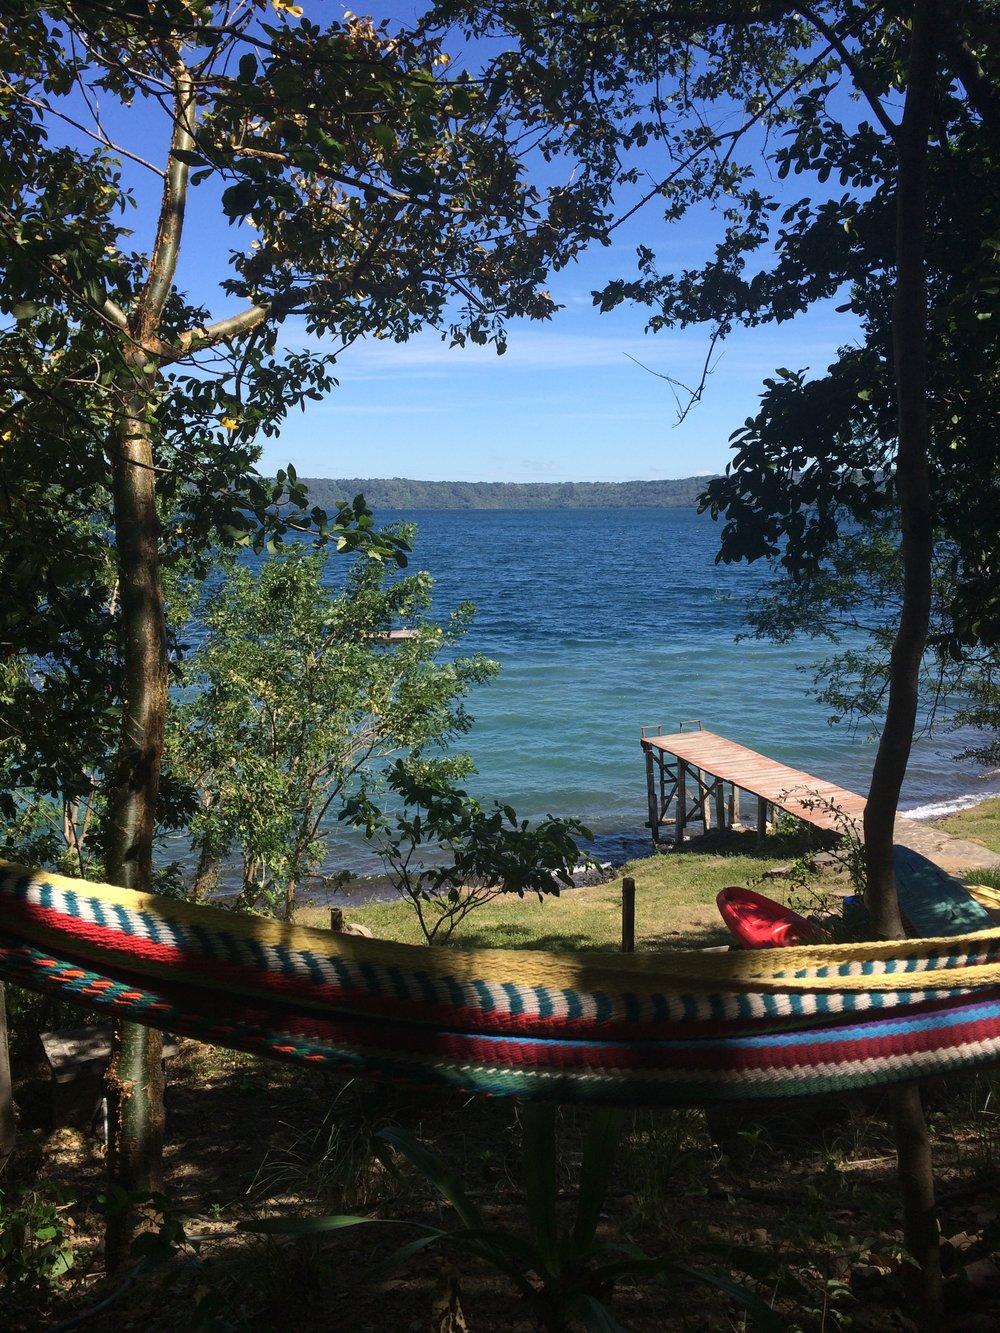 San Simian, Laguna de Apoyo